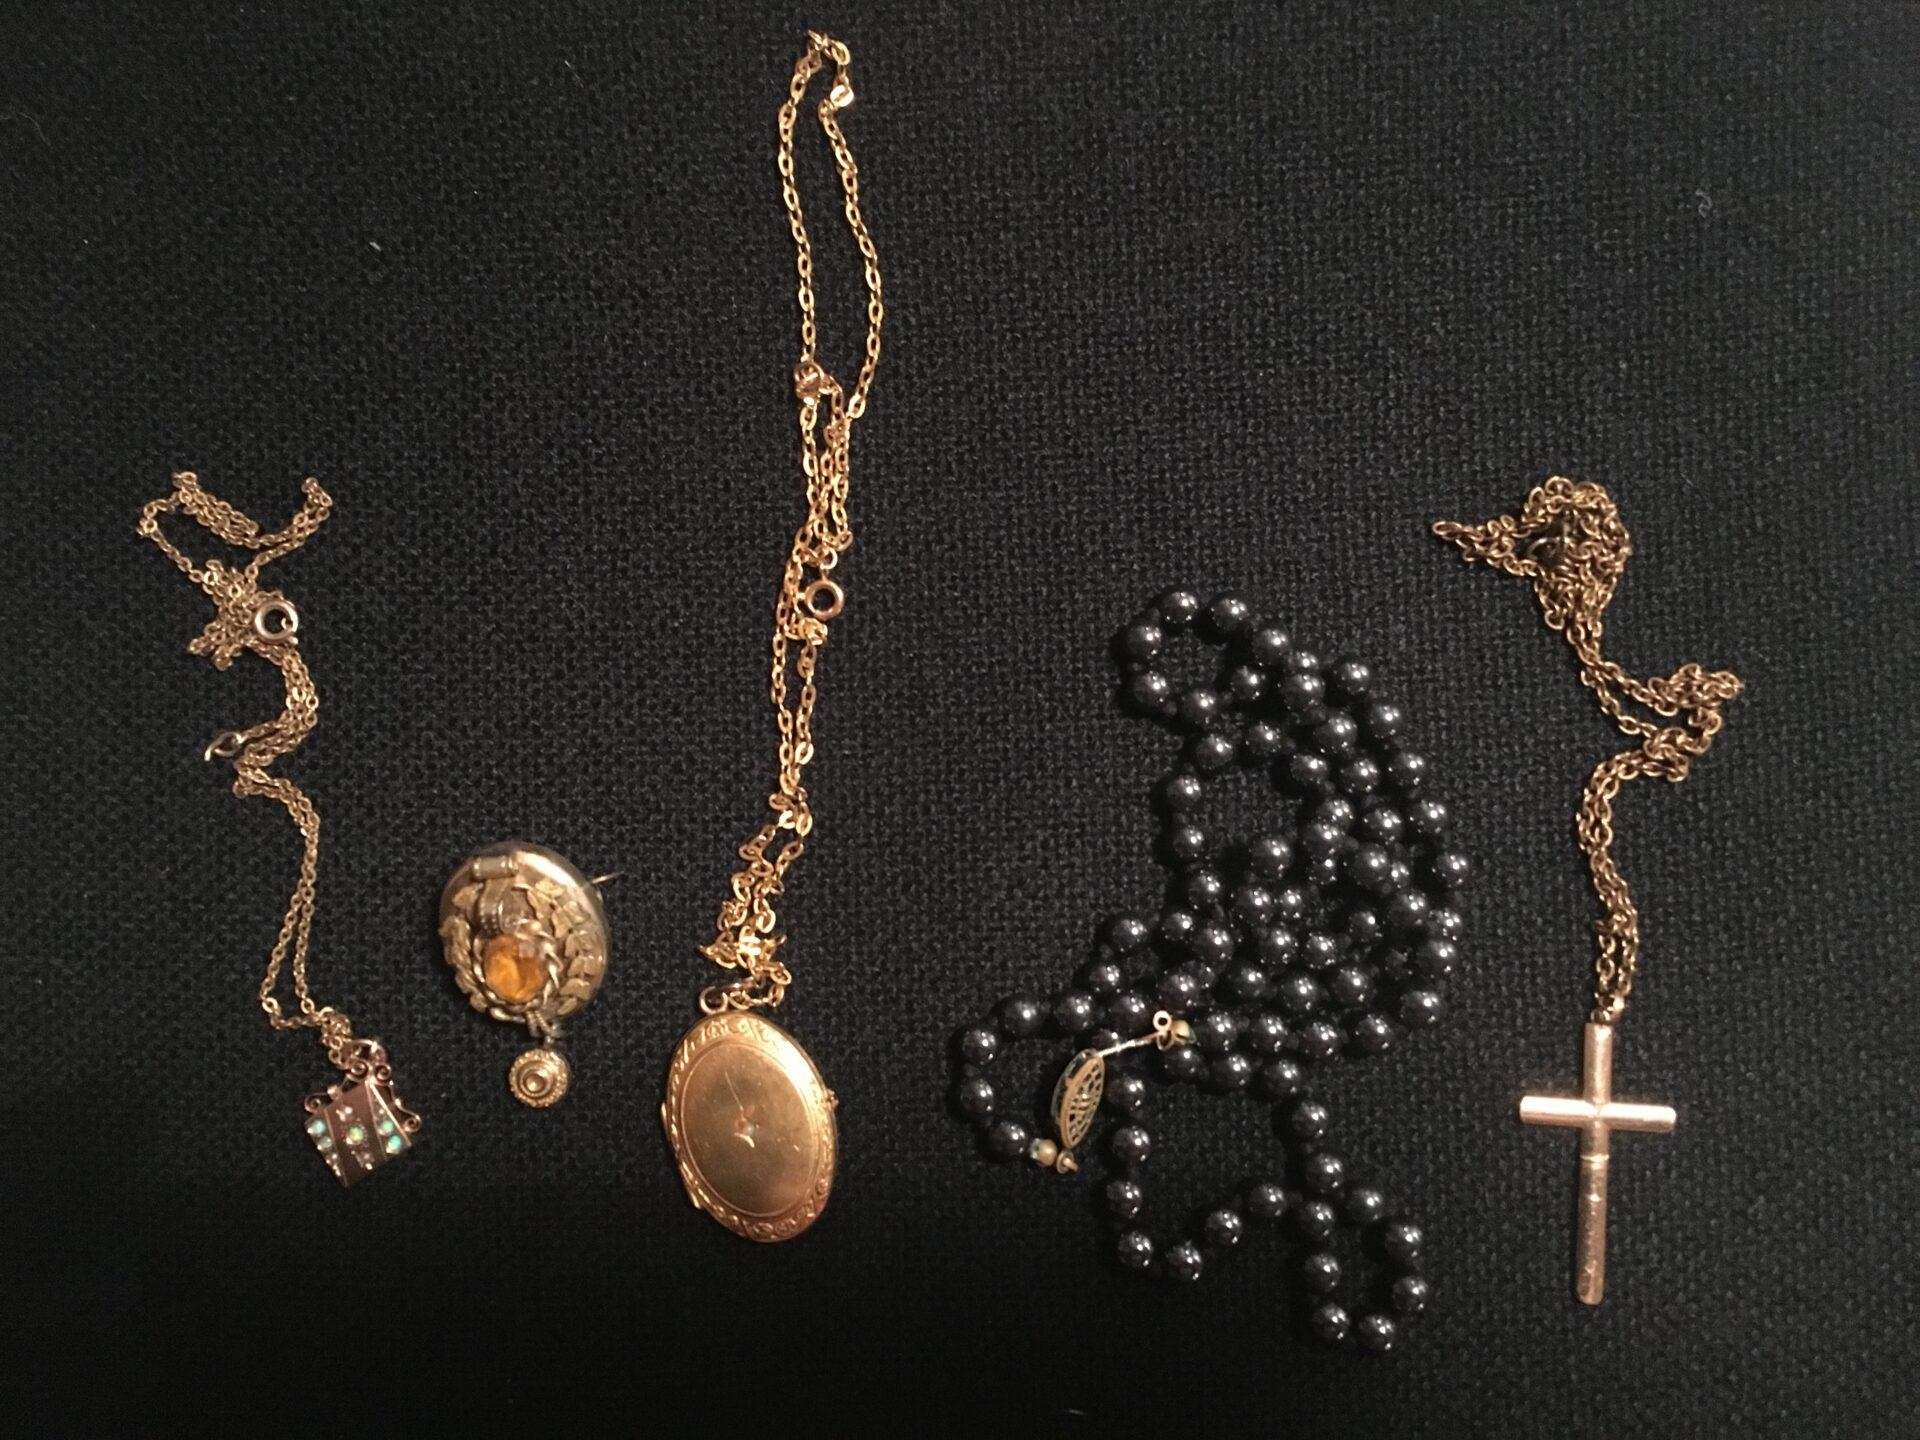 Antikke smykker, ej guld og sølv, pr. stk 100 kr